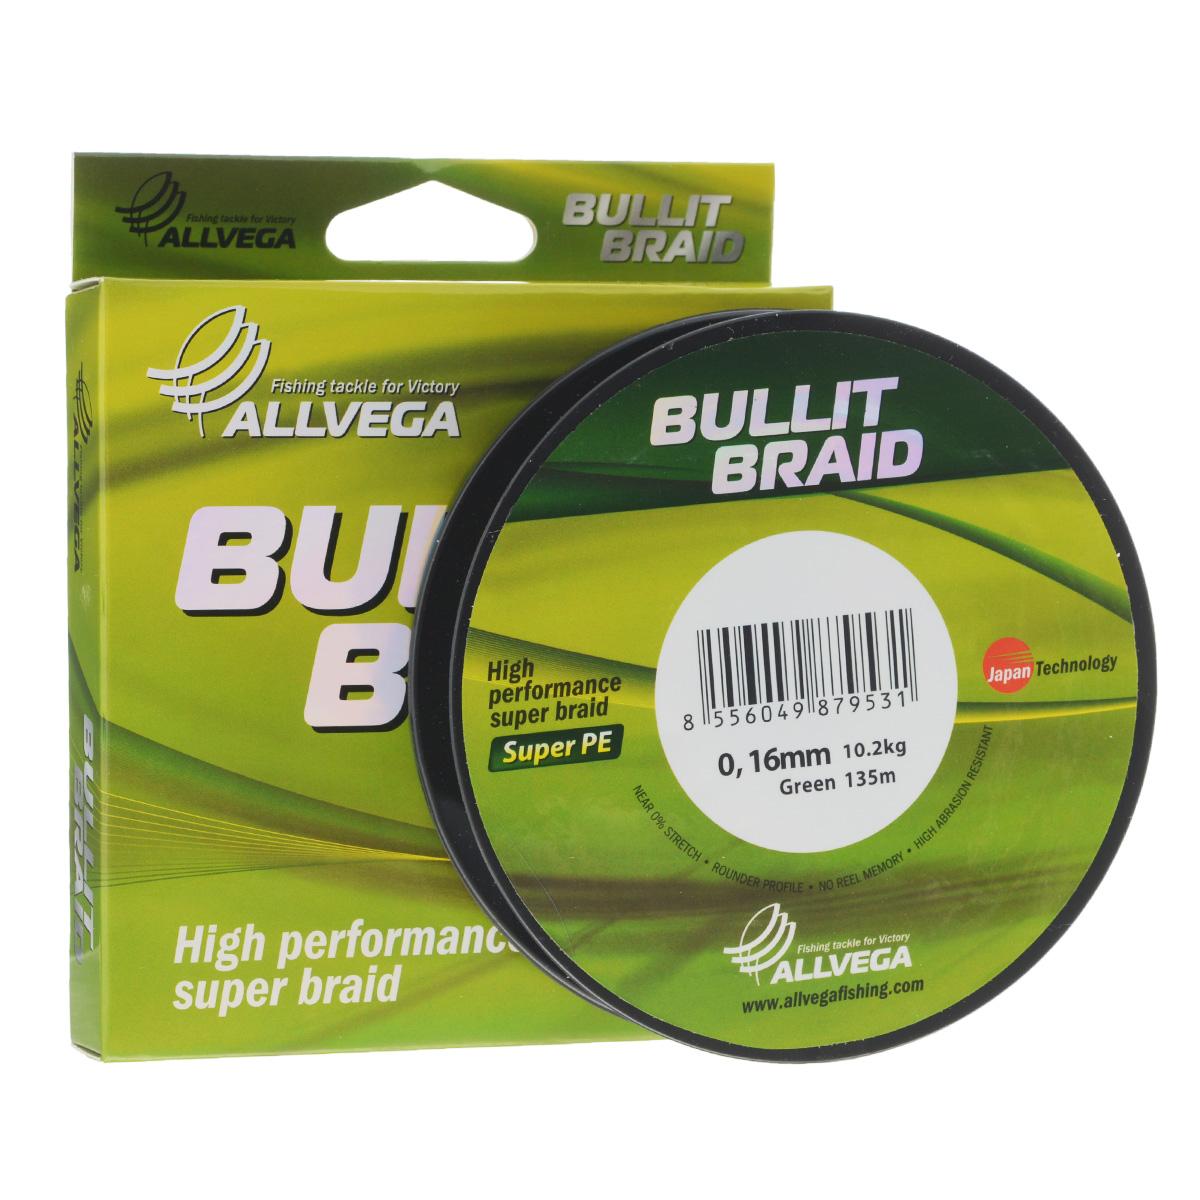 Леска плетеная Allvega Bullit Braid, цвет: темно-зеленый, 135 м, 0,16 мм, 10,2 кгTrevira ThermoЛеска Allvega Bullit Braid с гладкой поверхностью и одинаковым сечением по всей длине обладает высокой износостойкостью. Благодаря микроволокнам полиэтилена (Super PE) леска имеет очень плотное плетение и не впитывает воду. Леску Allvega Bullit Braid можно применять в любых типах водоемов. Особенности:повышенная износостойкость;высокая чувствительность - коэффициент растяжения близок к нулю;отсутствует память; идеально гладкая поверхность позволяет увеличить дальность забросов; высокая прочность шнура на узлах.